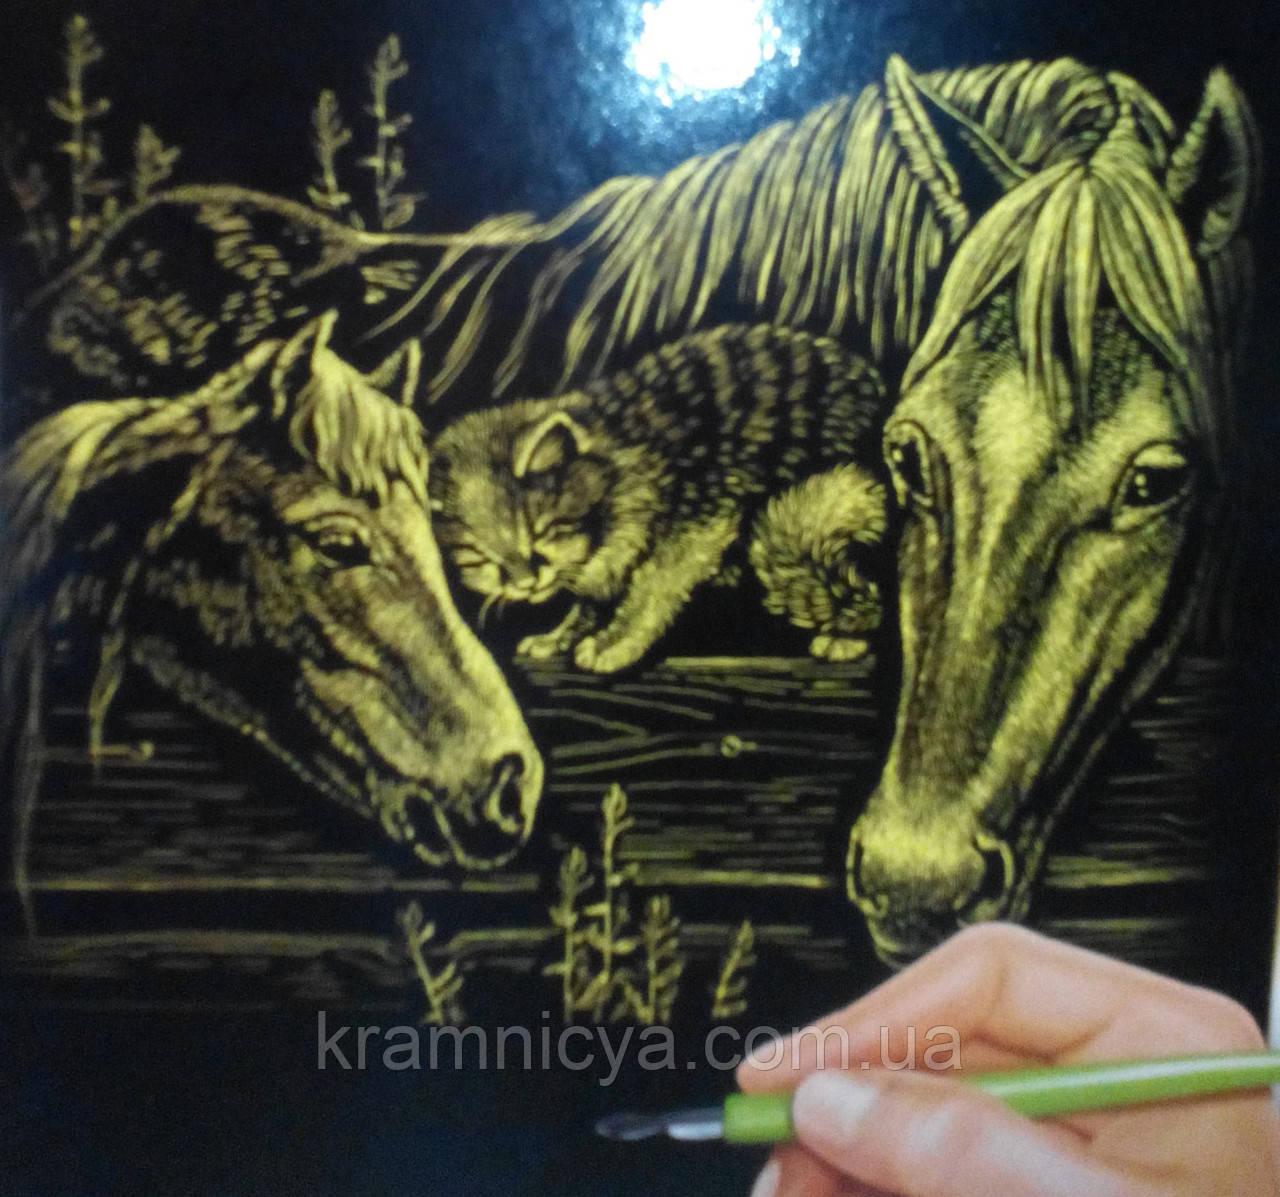 Гравюра А4 Лошади Золото